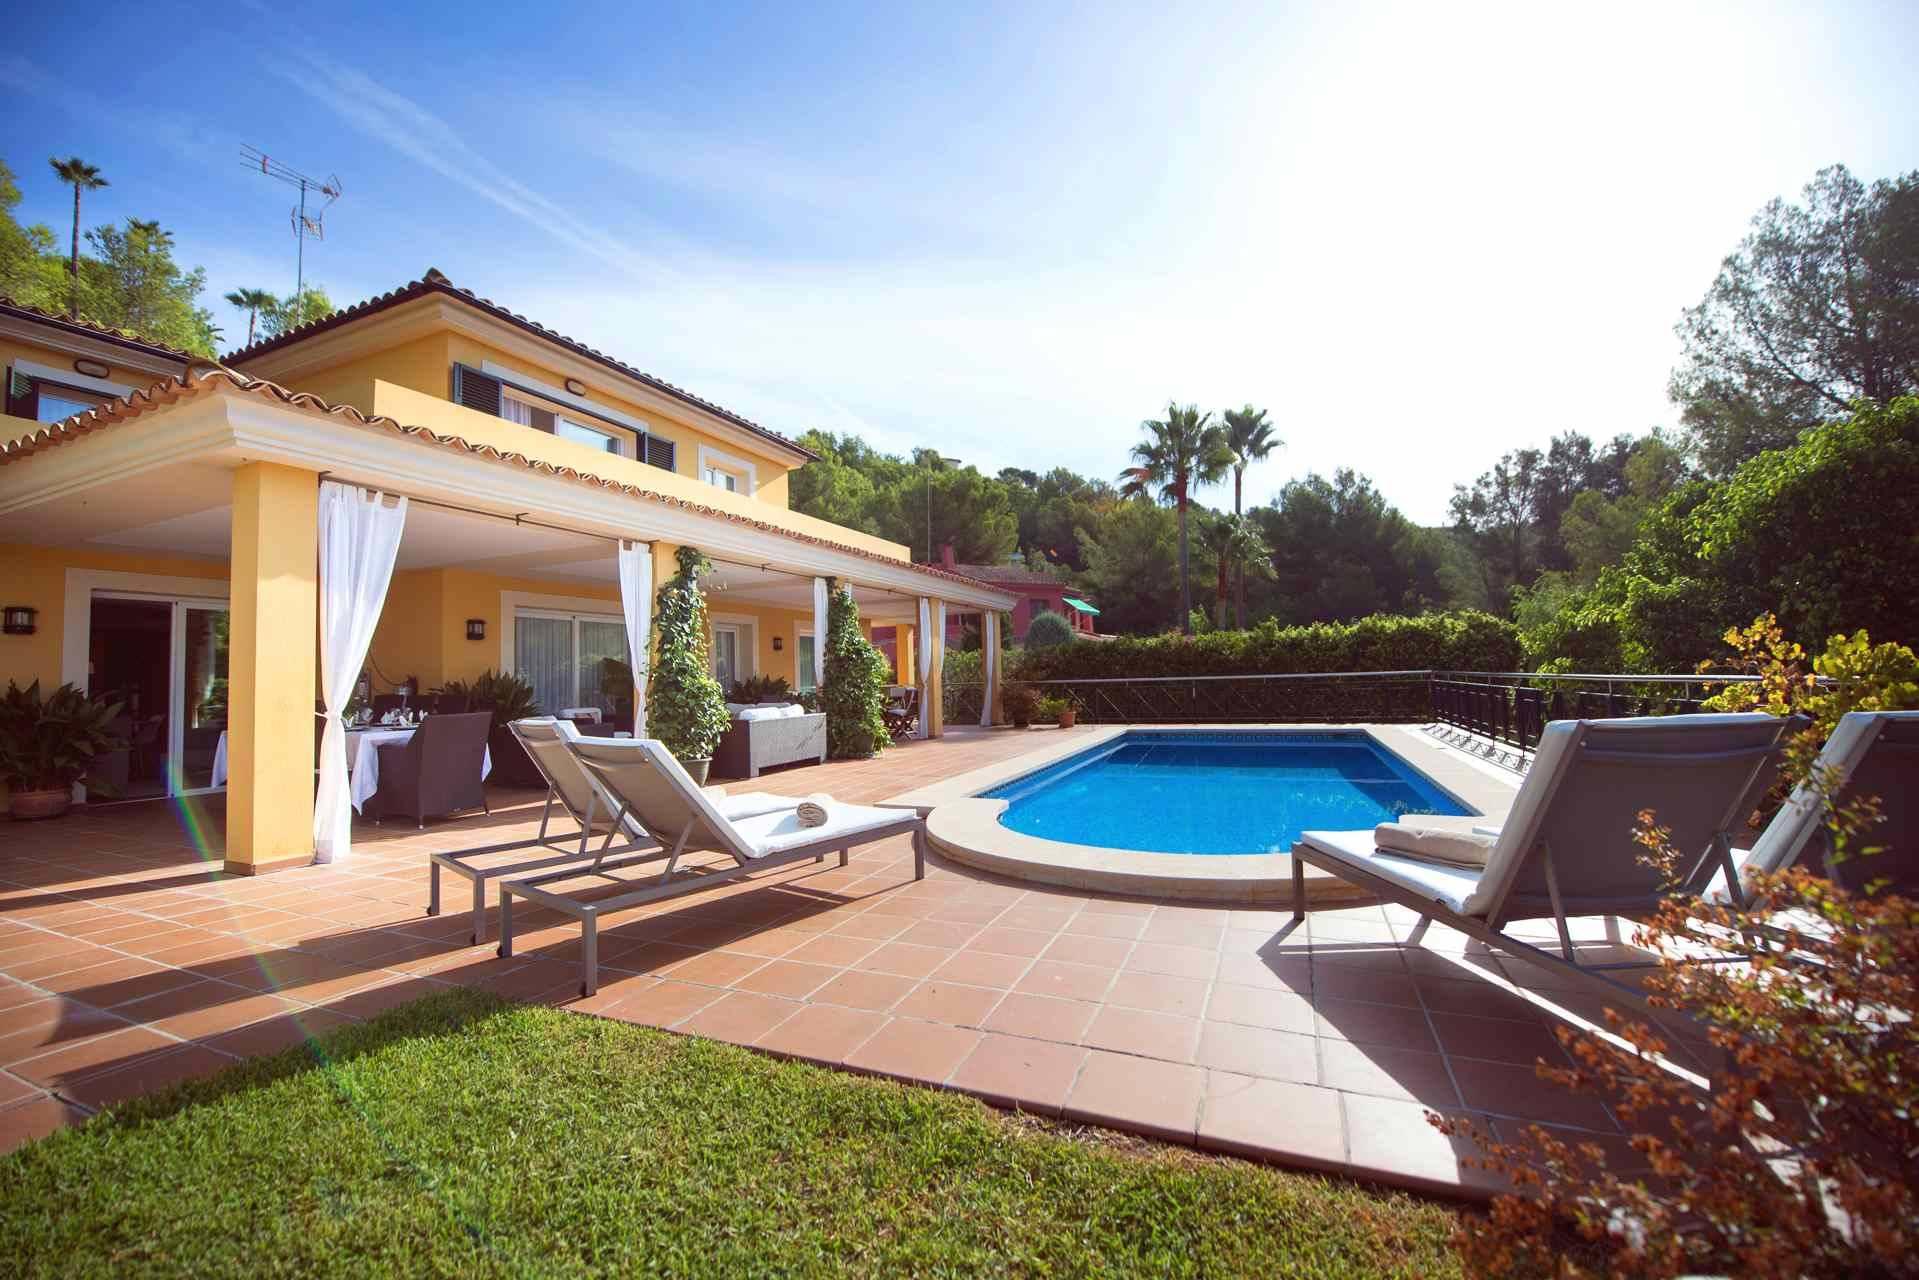 01-311 Golfplatz Villa Südwesten Mallorca Bild 3